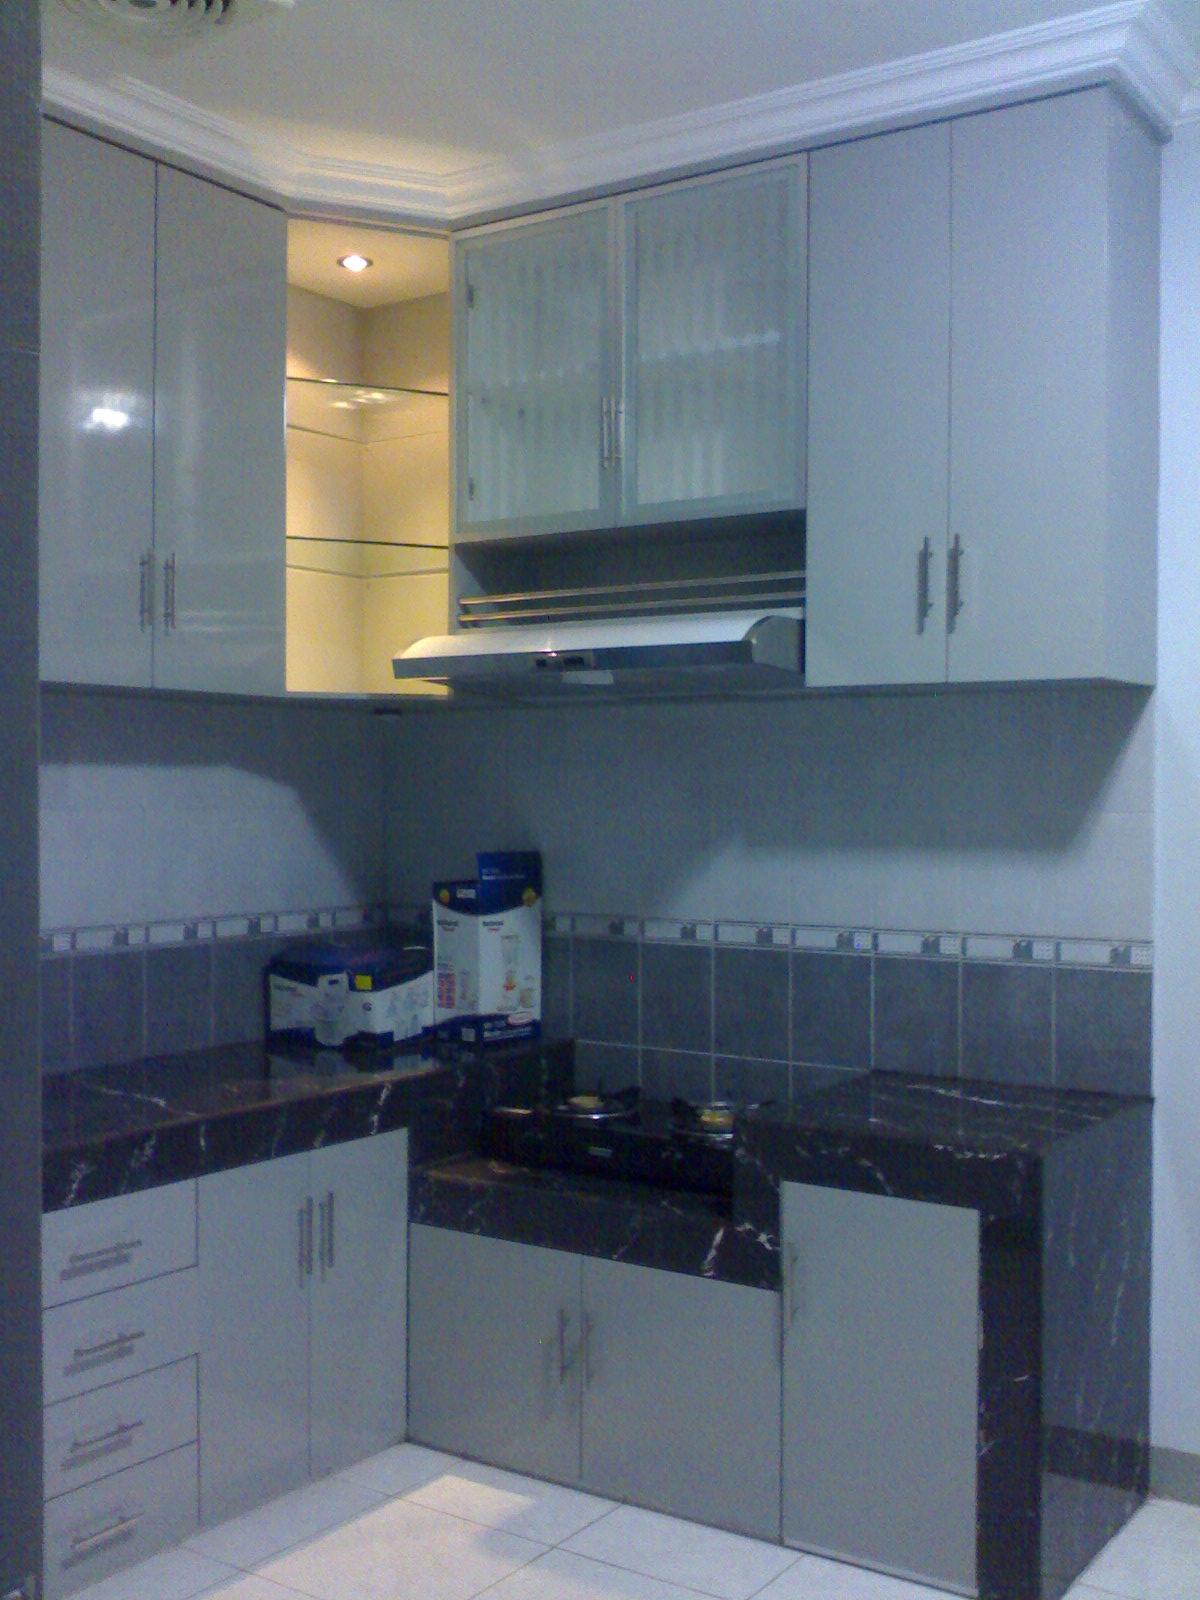 Inti jaya furniture for Kitchen set mungil